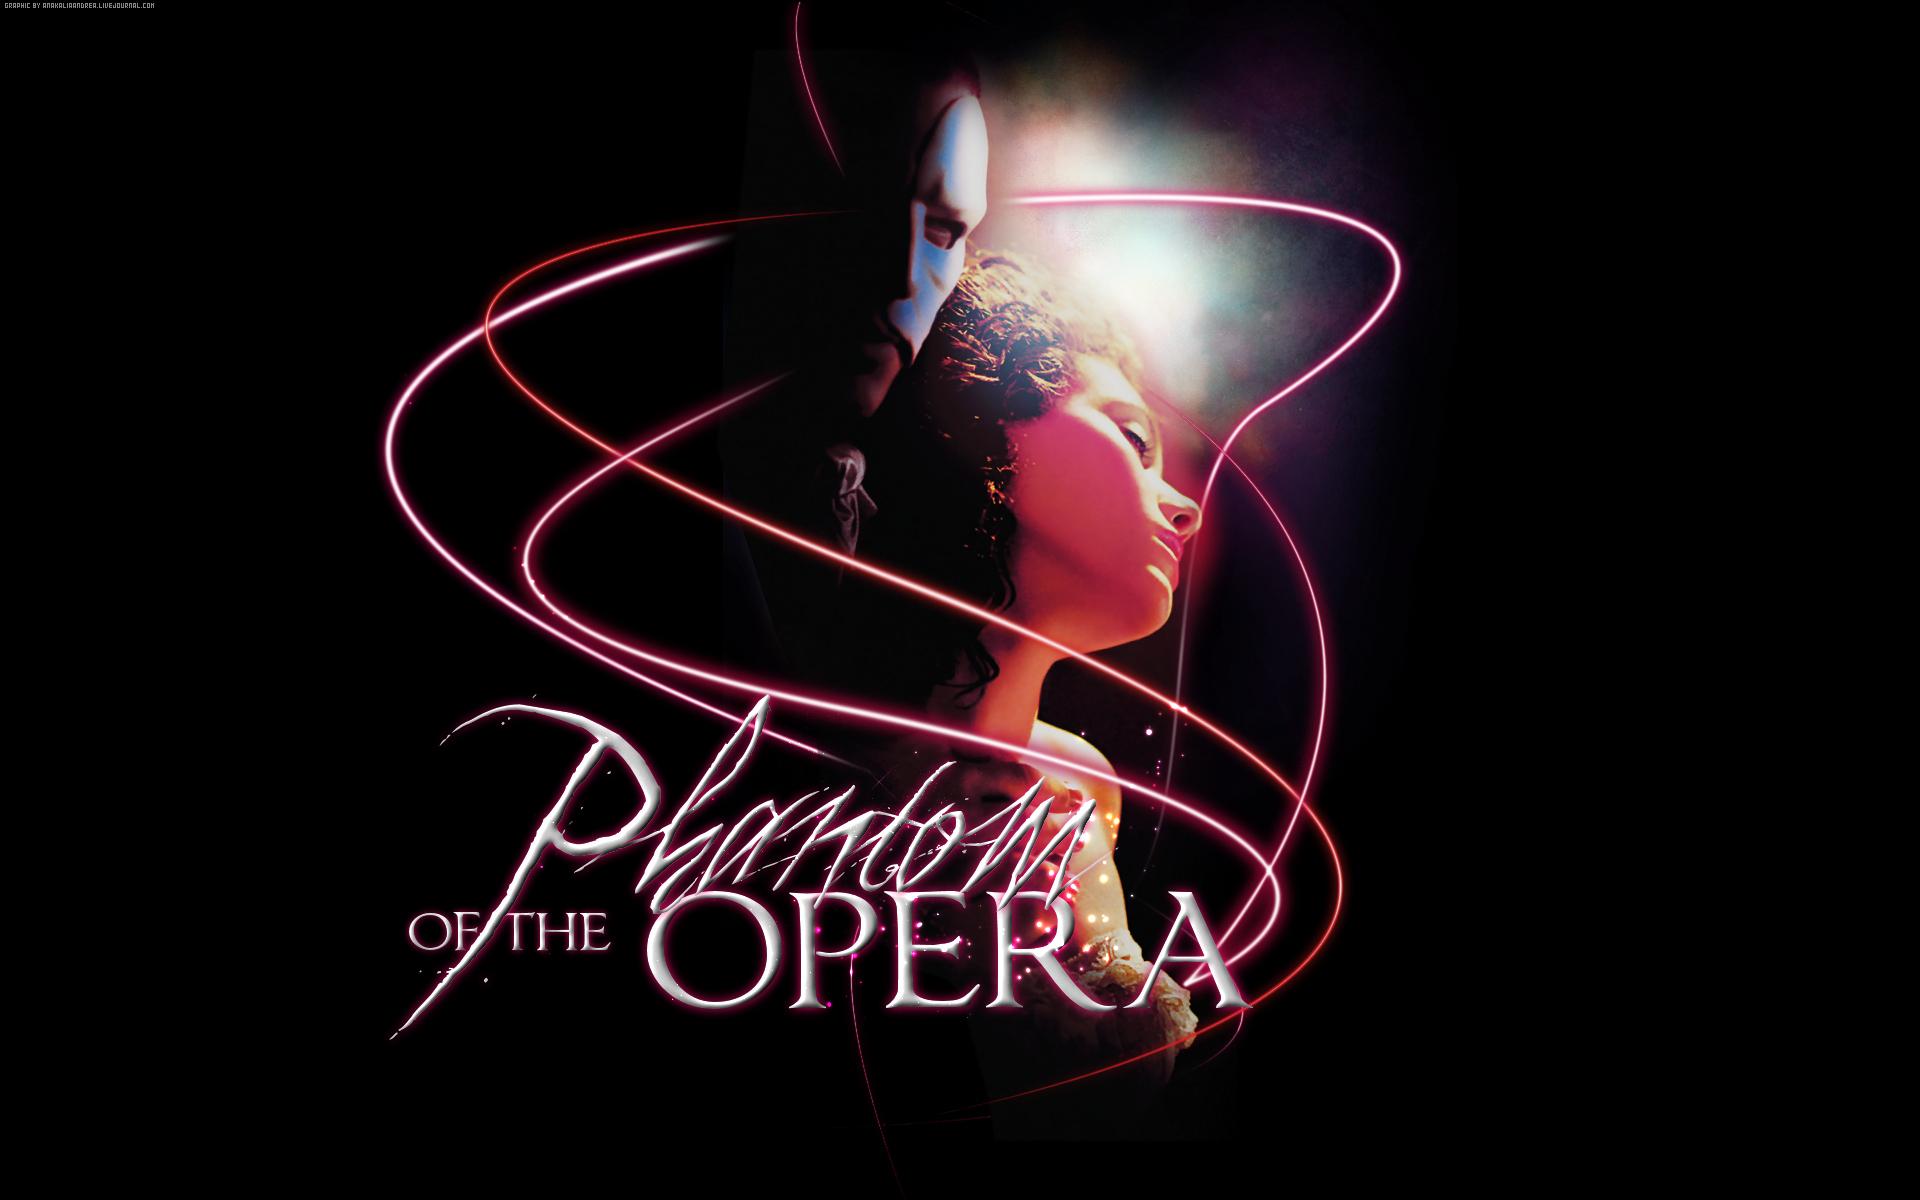 오페라의 유령 이미지 phantom of the opera hd 바탕화면 and background